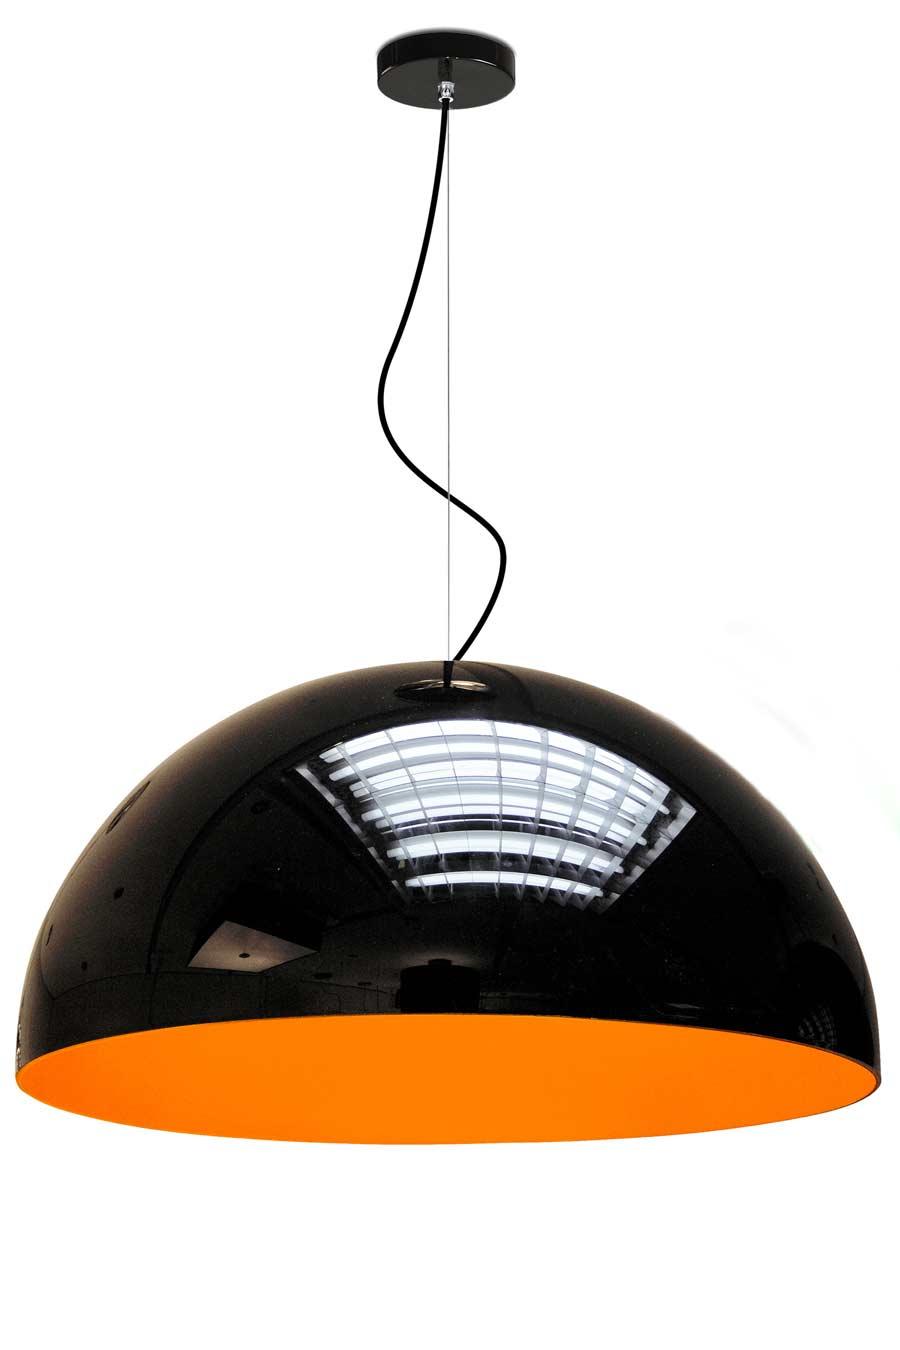 Glow suspension MM intérieur orange. Paulo Coelho.